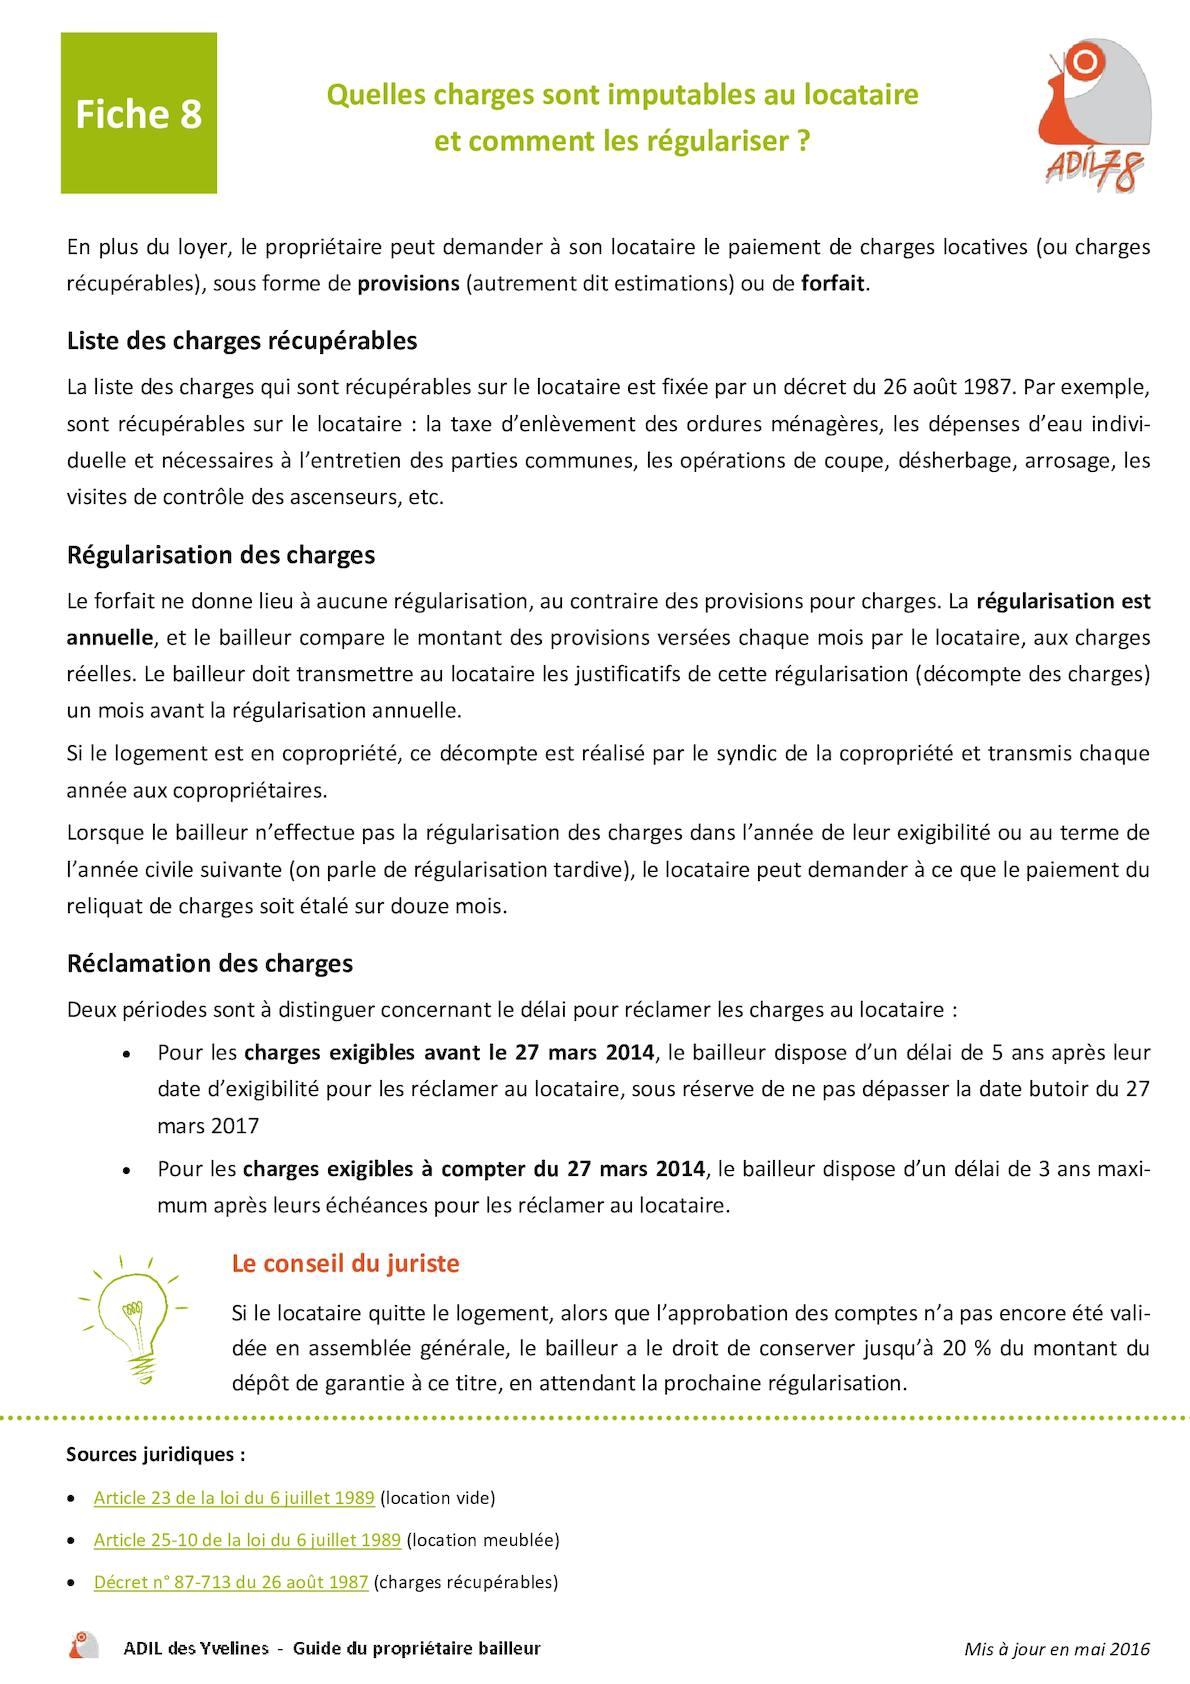 Calameo Fiche 8 Quelles Charges Sont Imputables Au Locataire Et